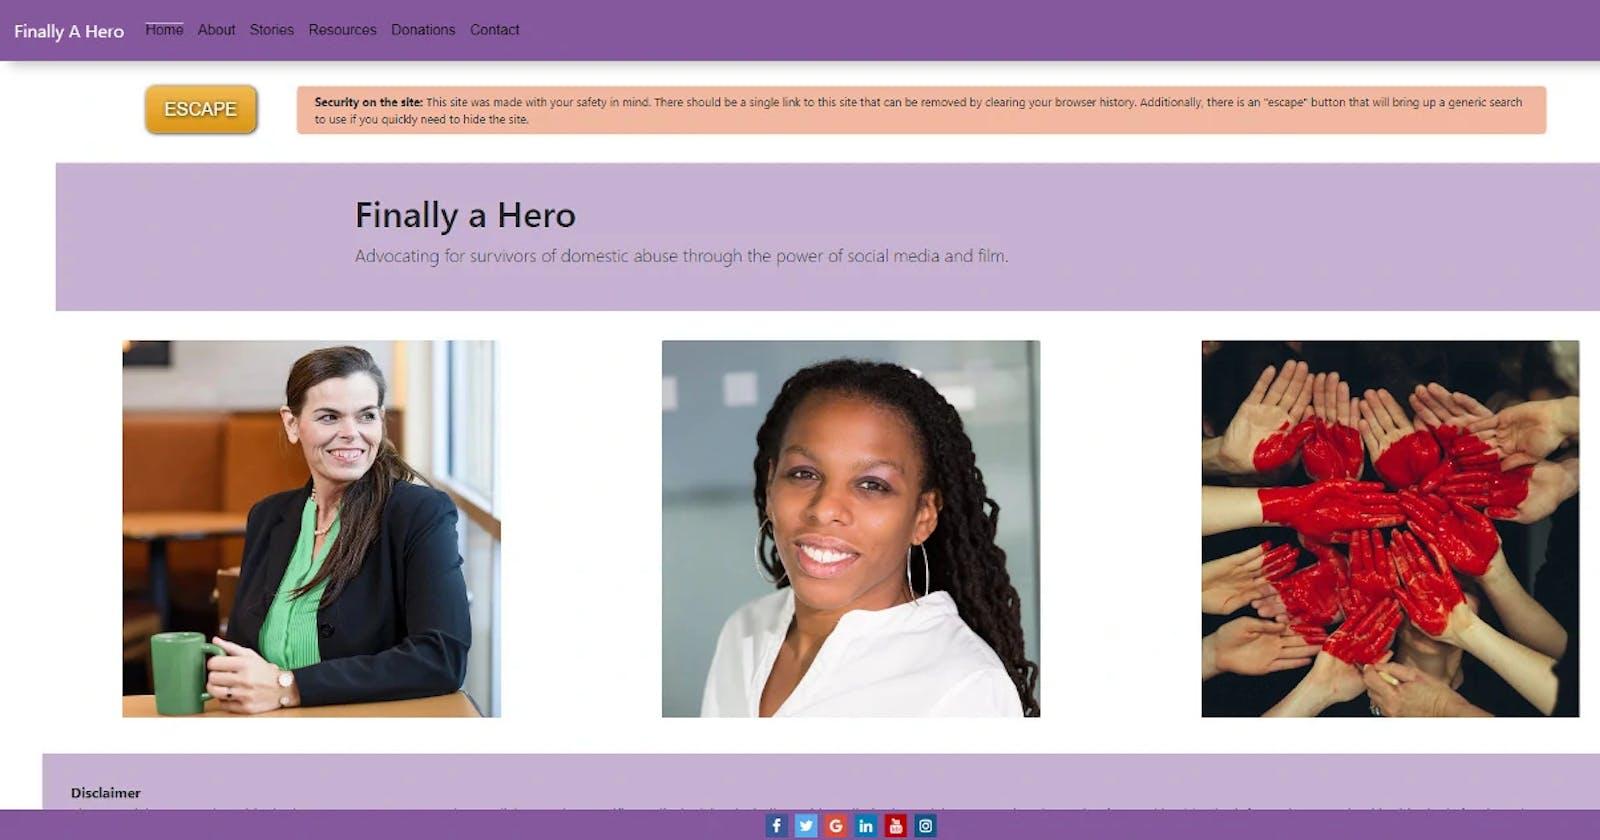 Hidden Navigation for Domestic Violence Sites